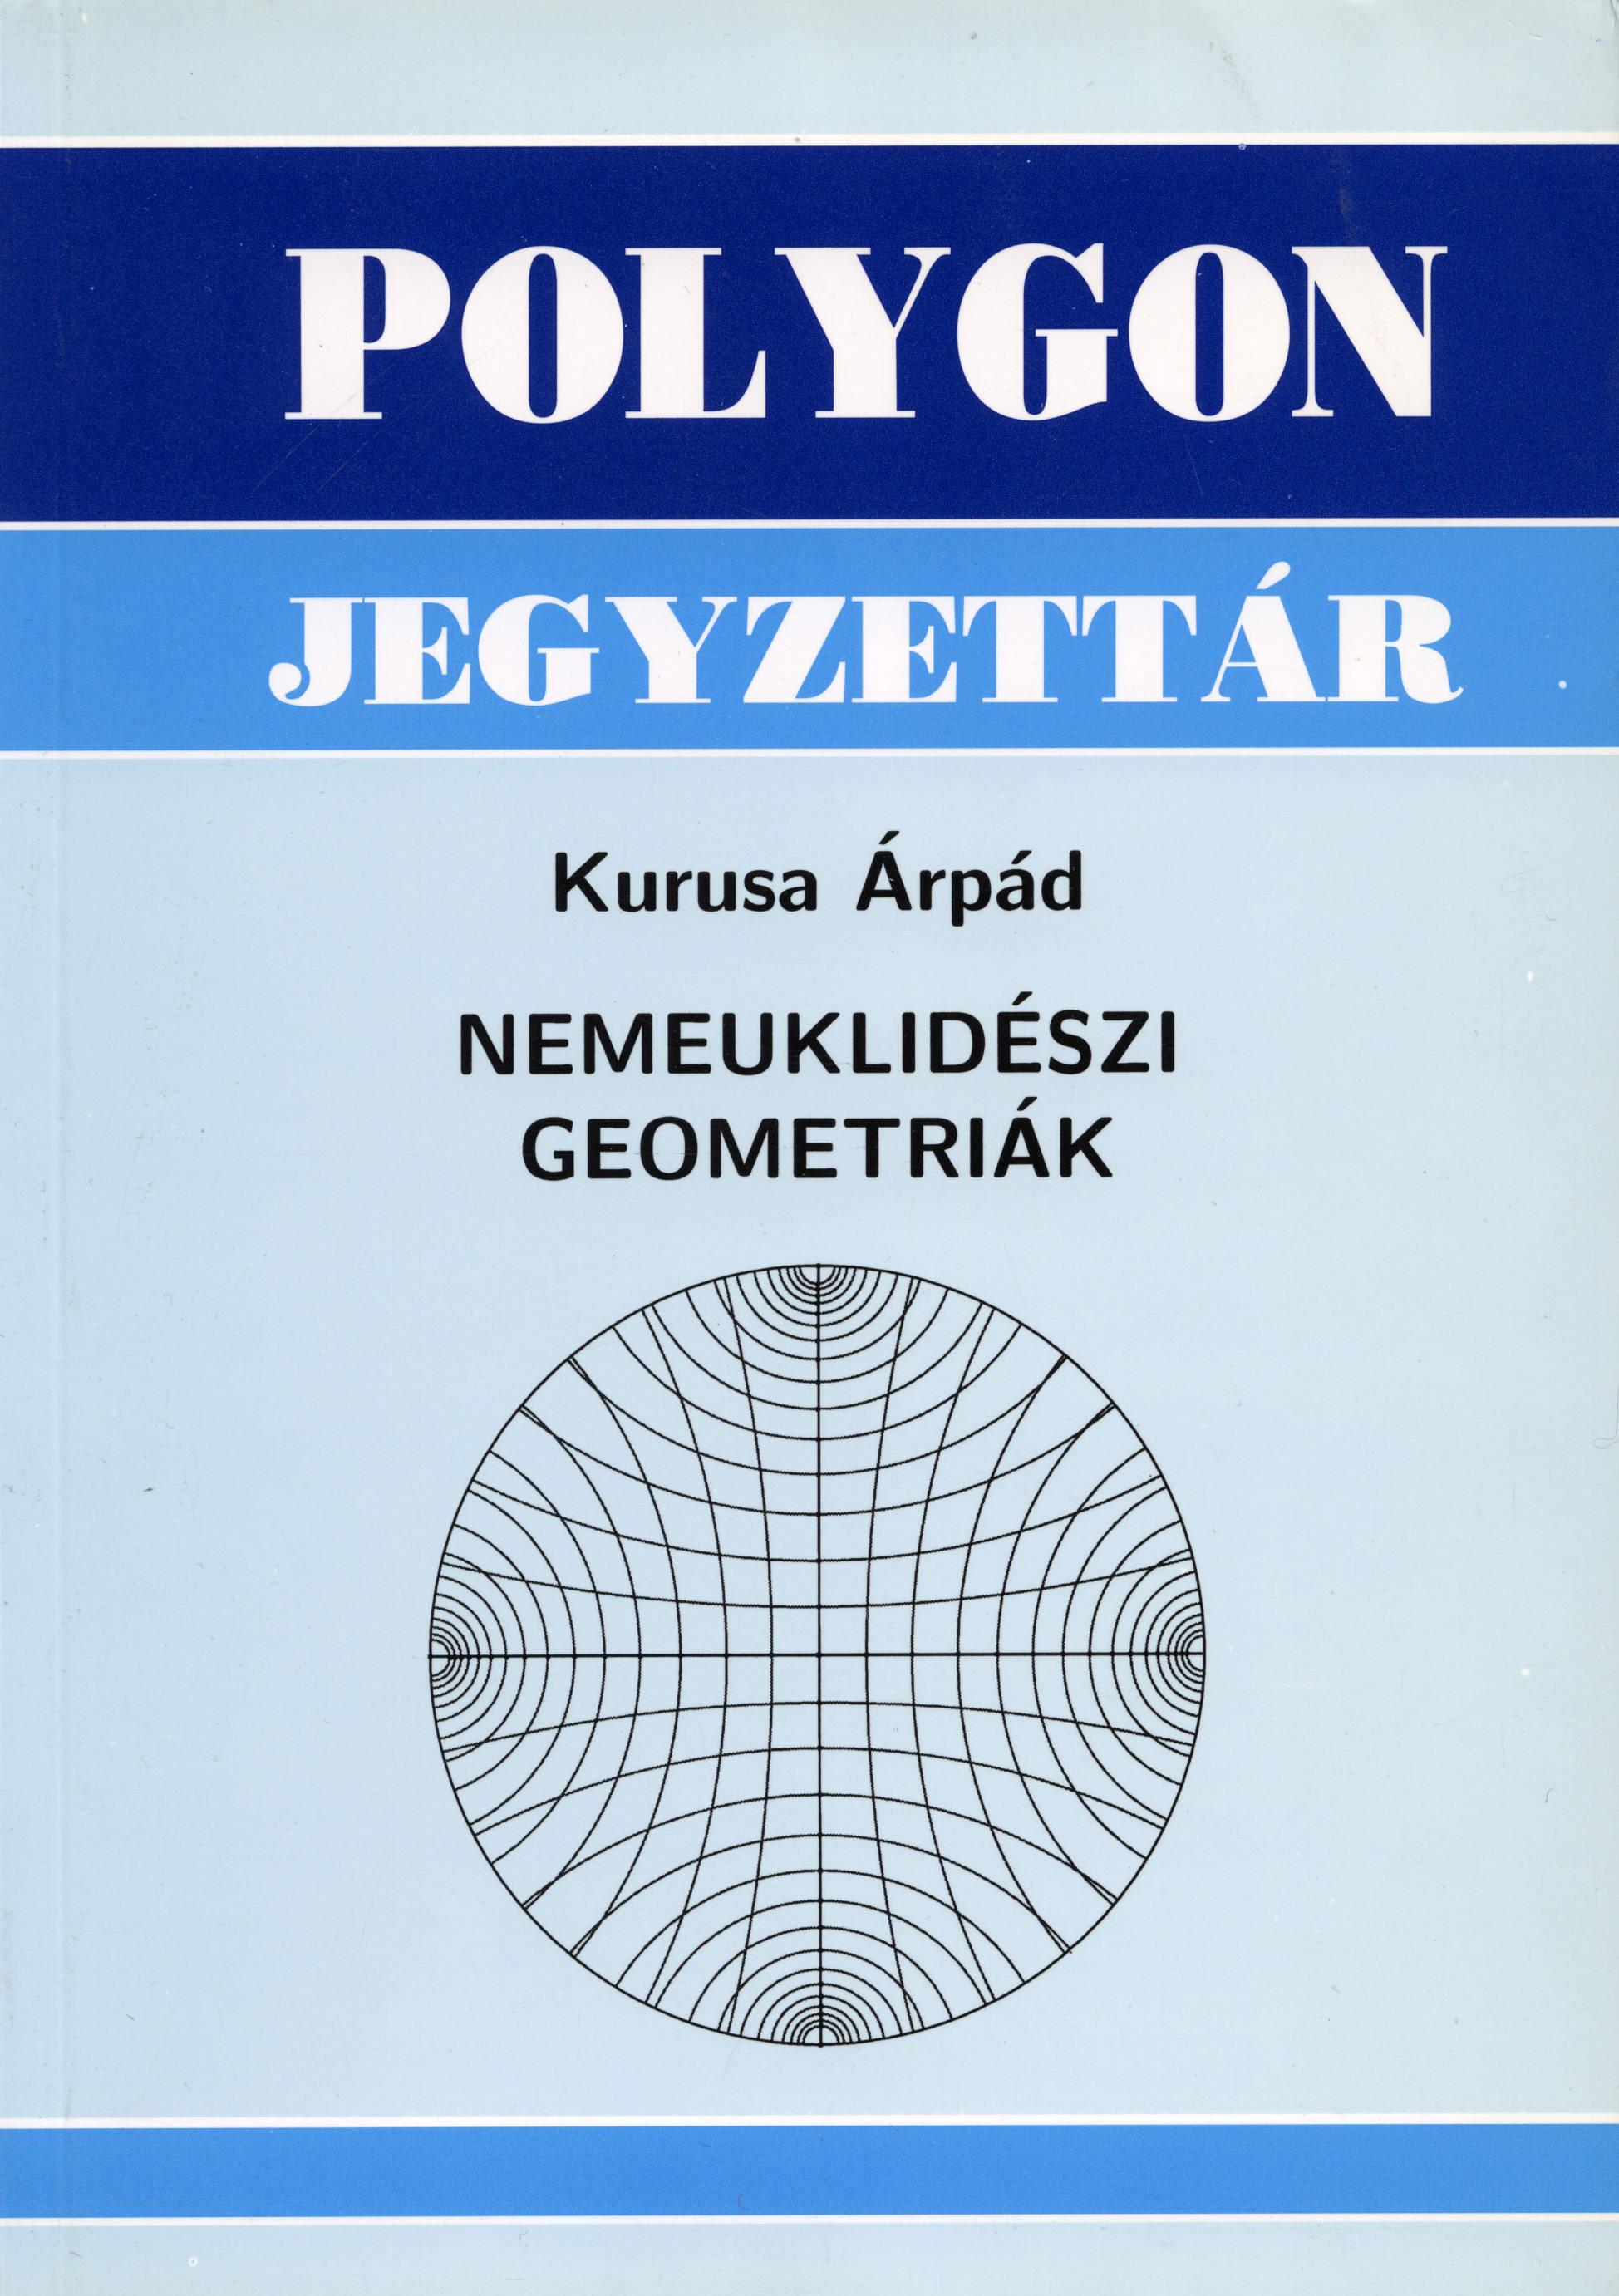 Nemeuklidészi geometriák - Polygon jegyzet